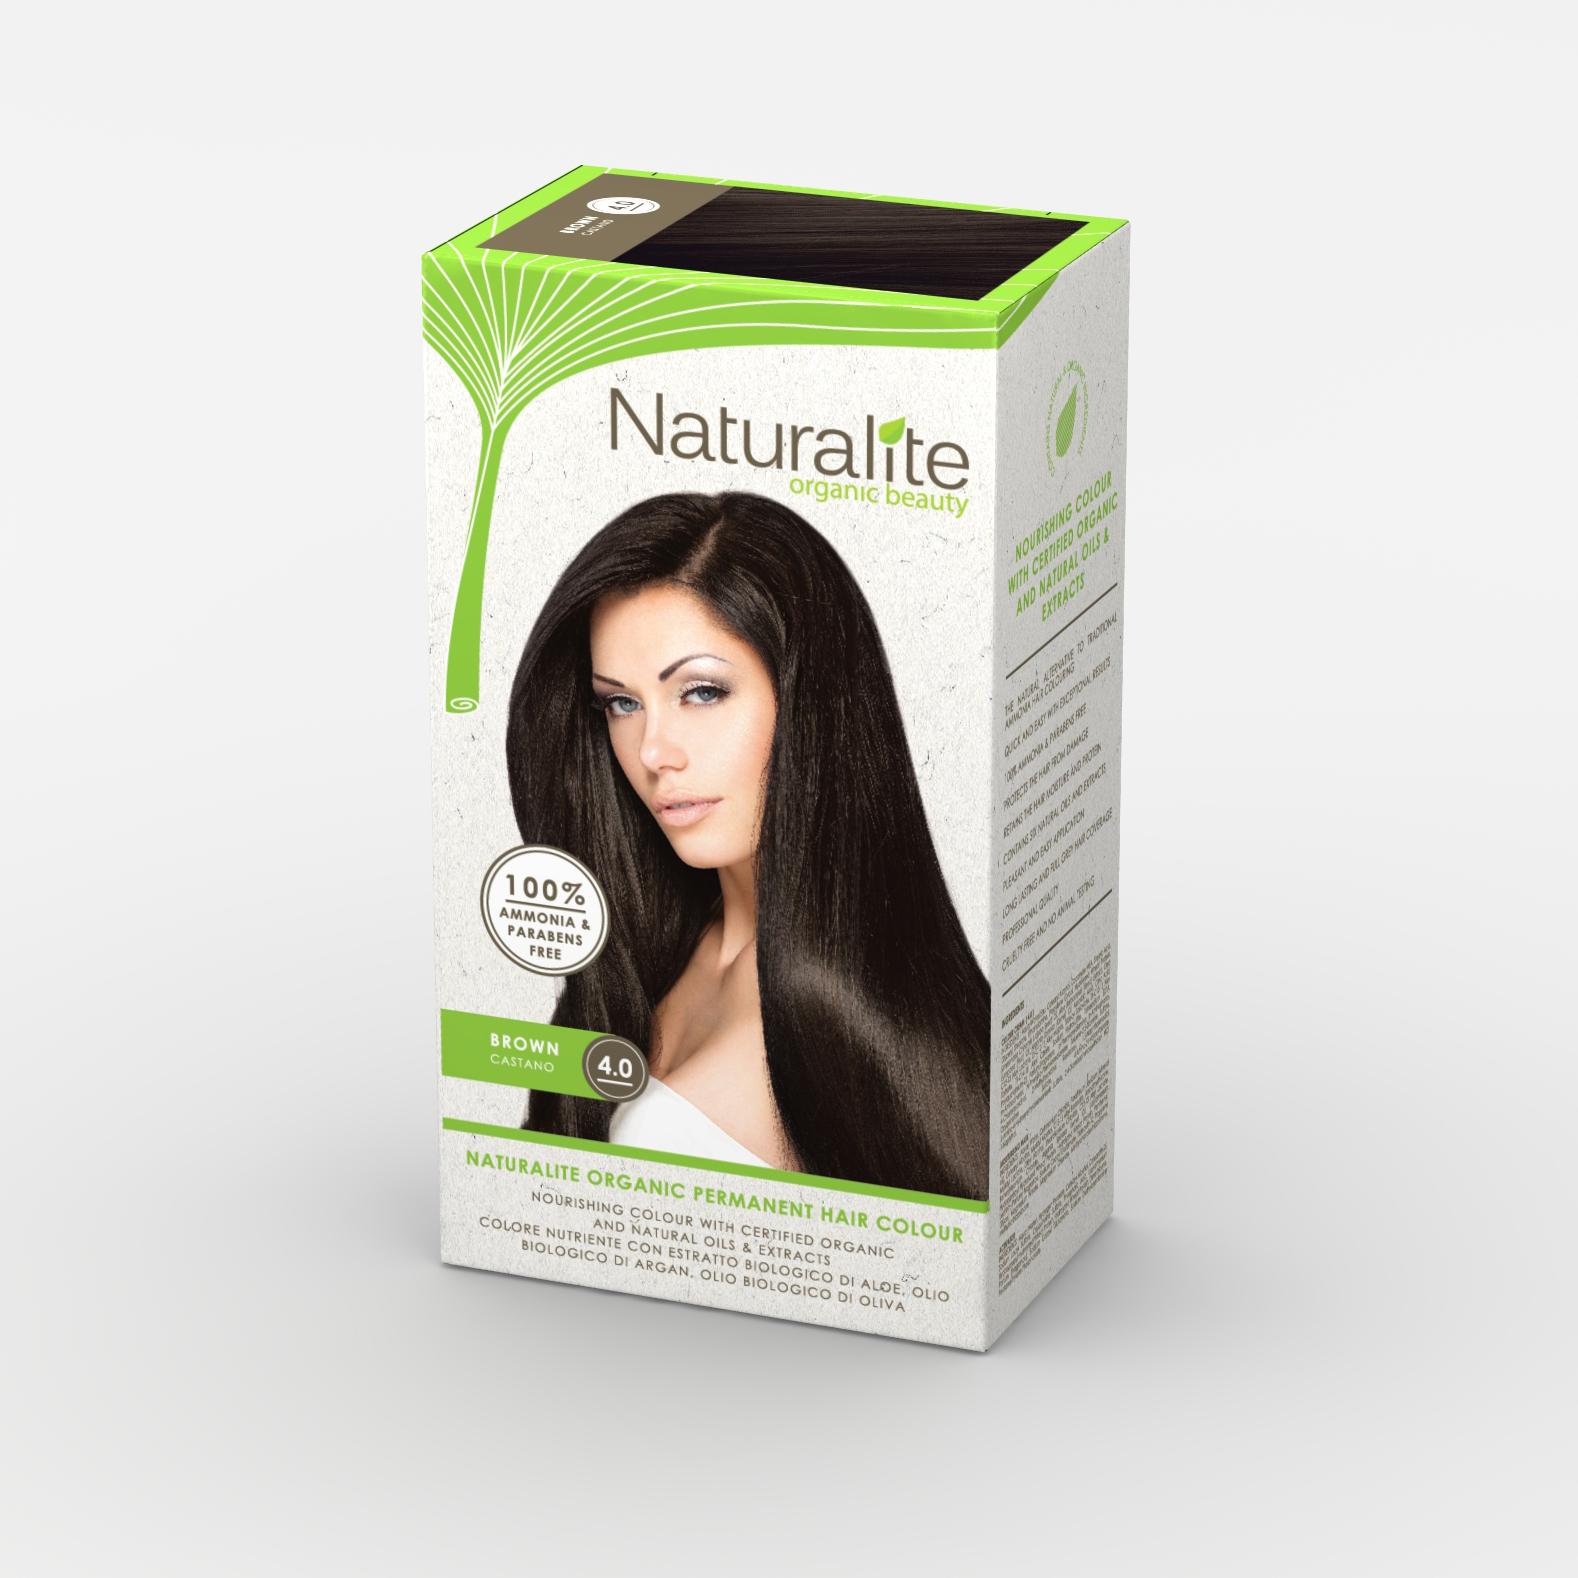 [MPLUS] Naturalite Hair Colour 4.0 [Brown]